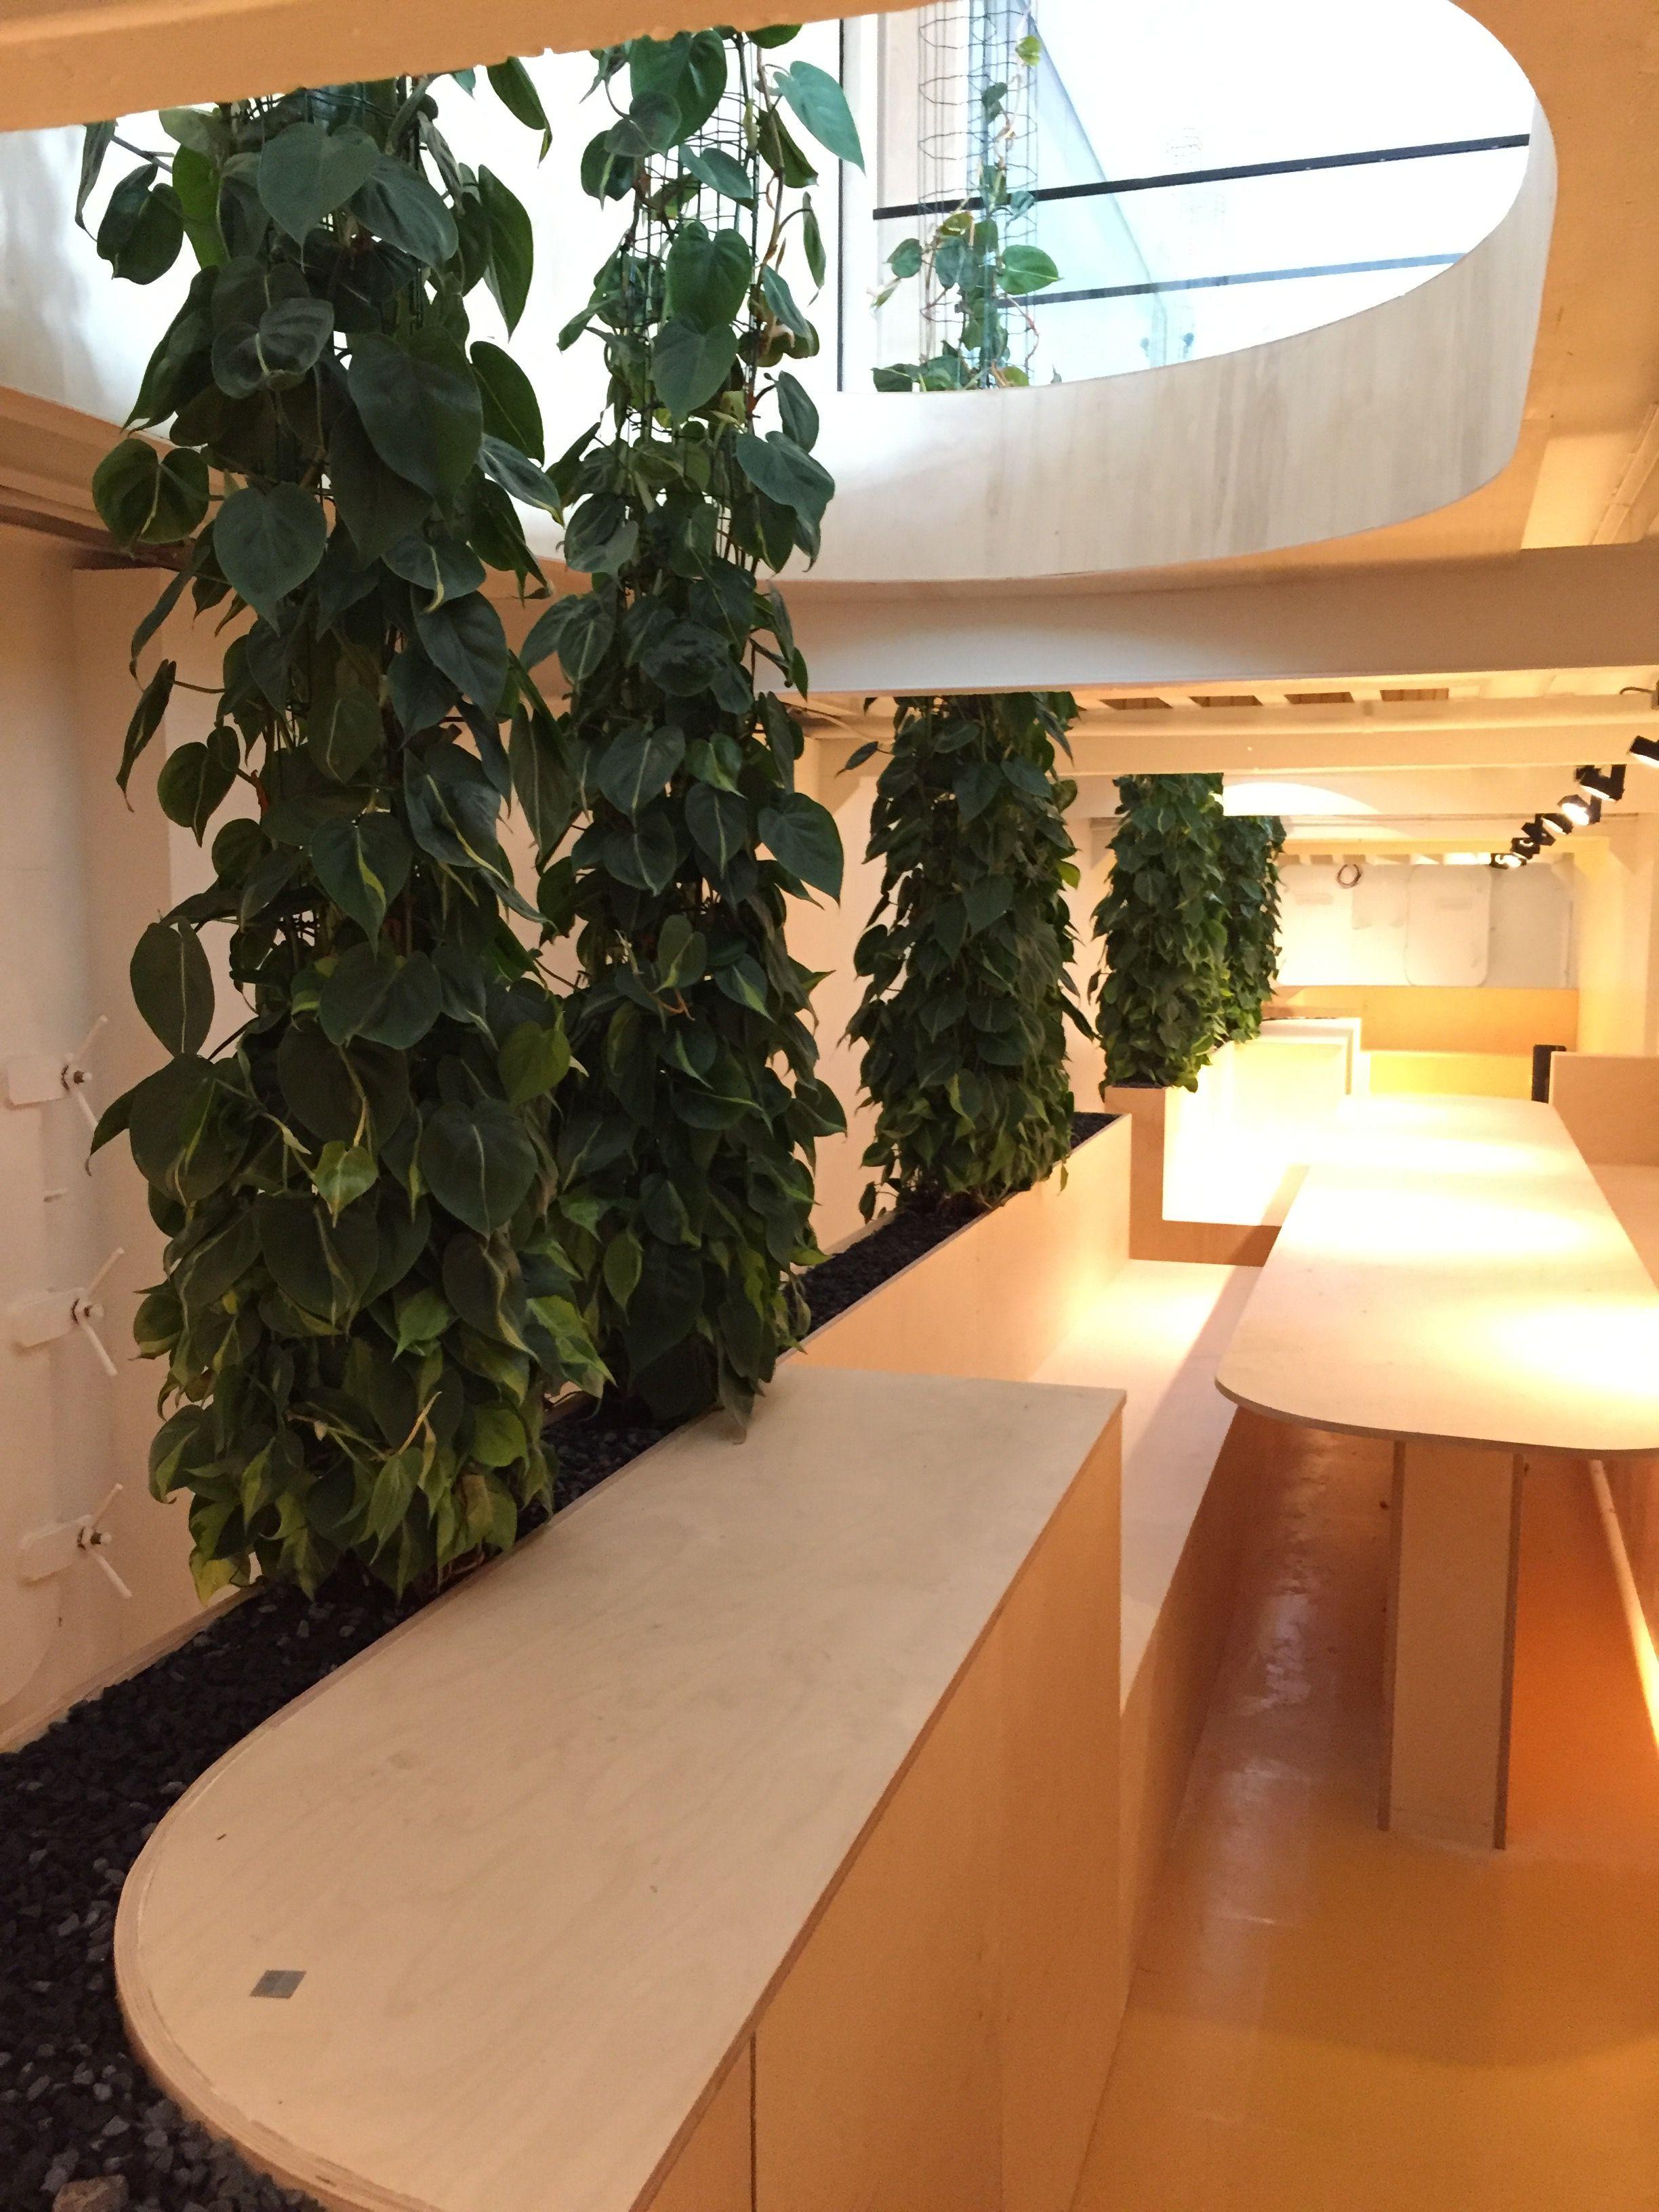 Klimplanten op verlengde basis in maatwerk interieur | Projecten ...